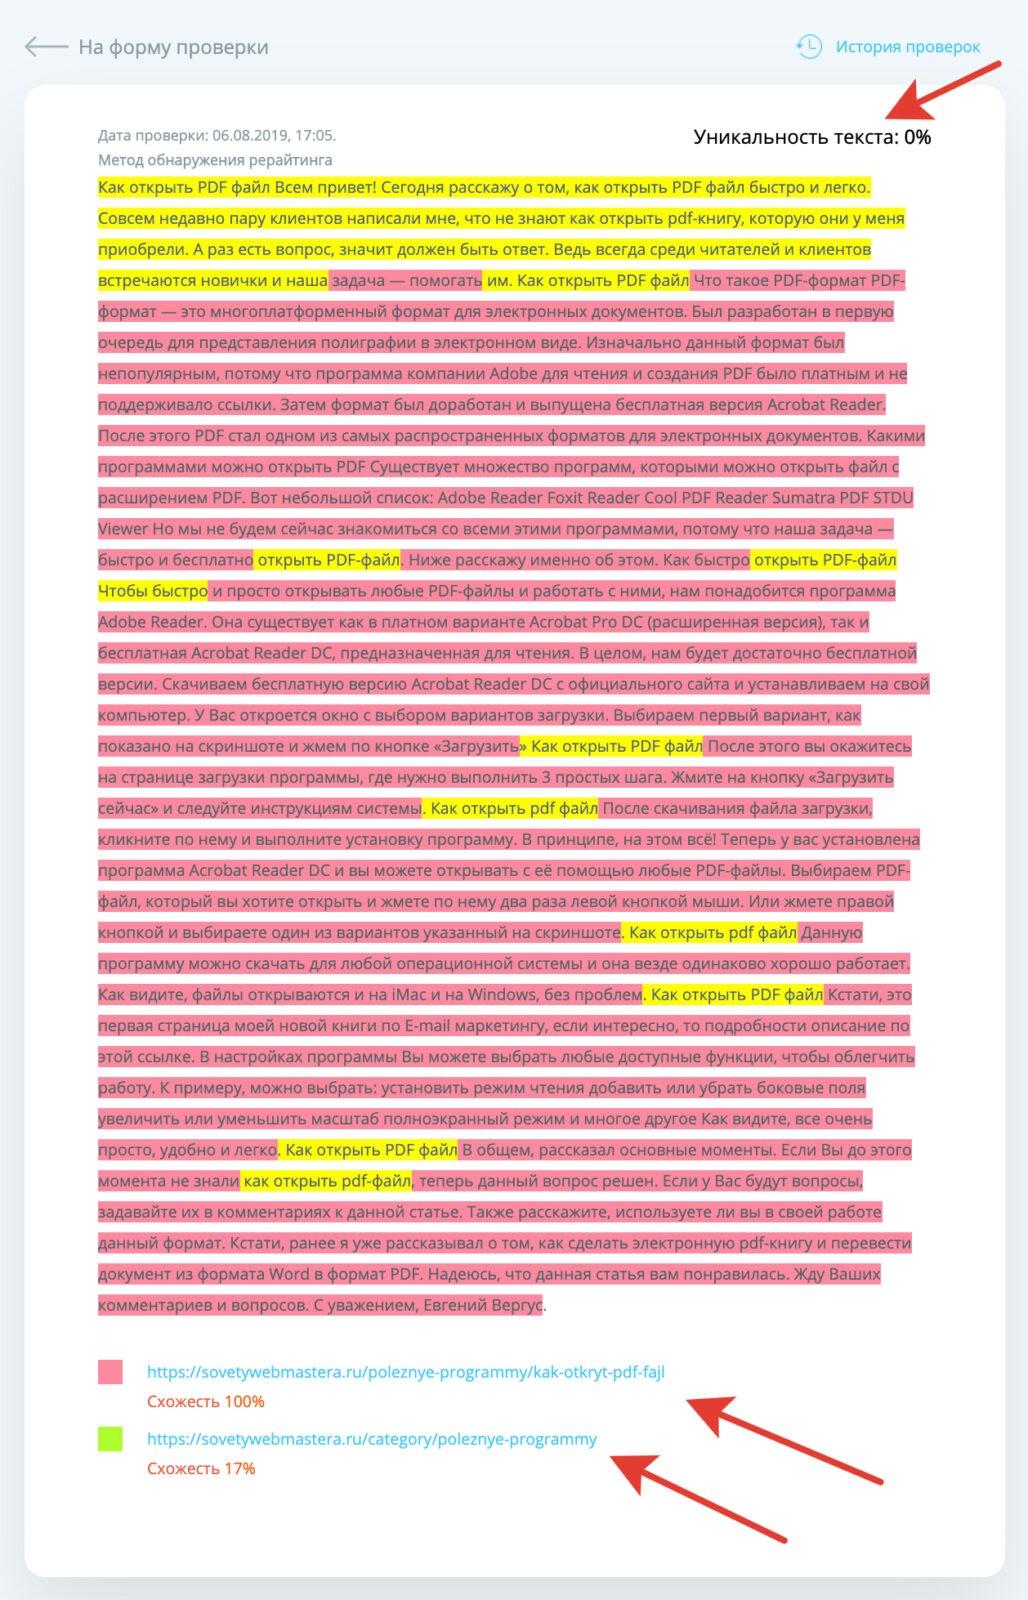 2019 08 06 17 14 07 - Проверить текст на уникальность - инструкция